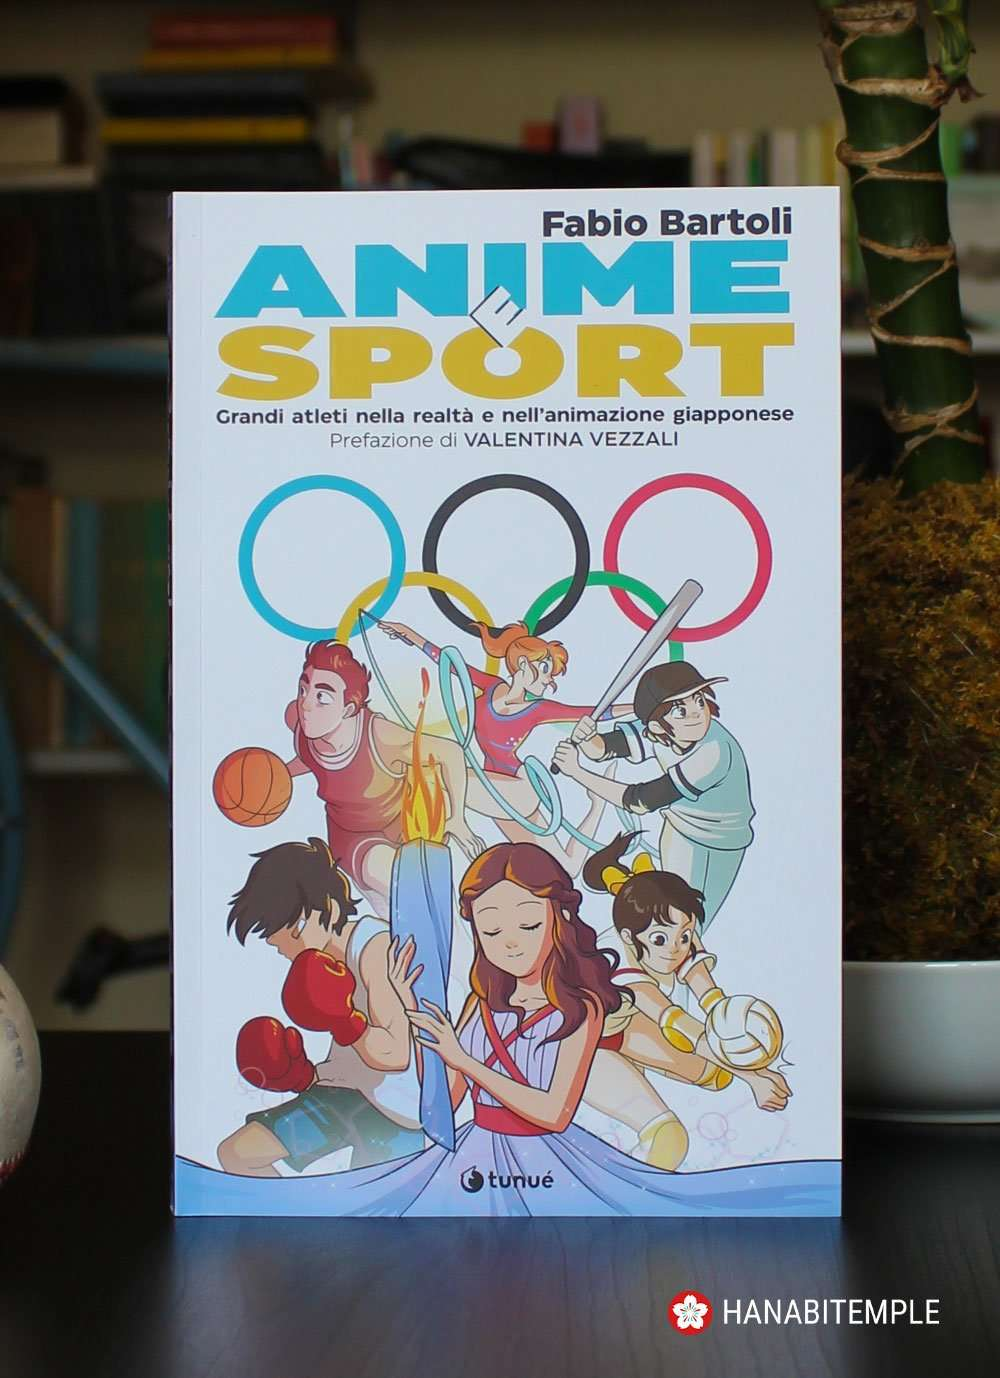 Anime e sport di Fabio Bartoli, copertina a cura di Lorenza di Sepio